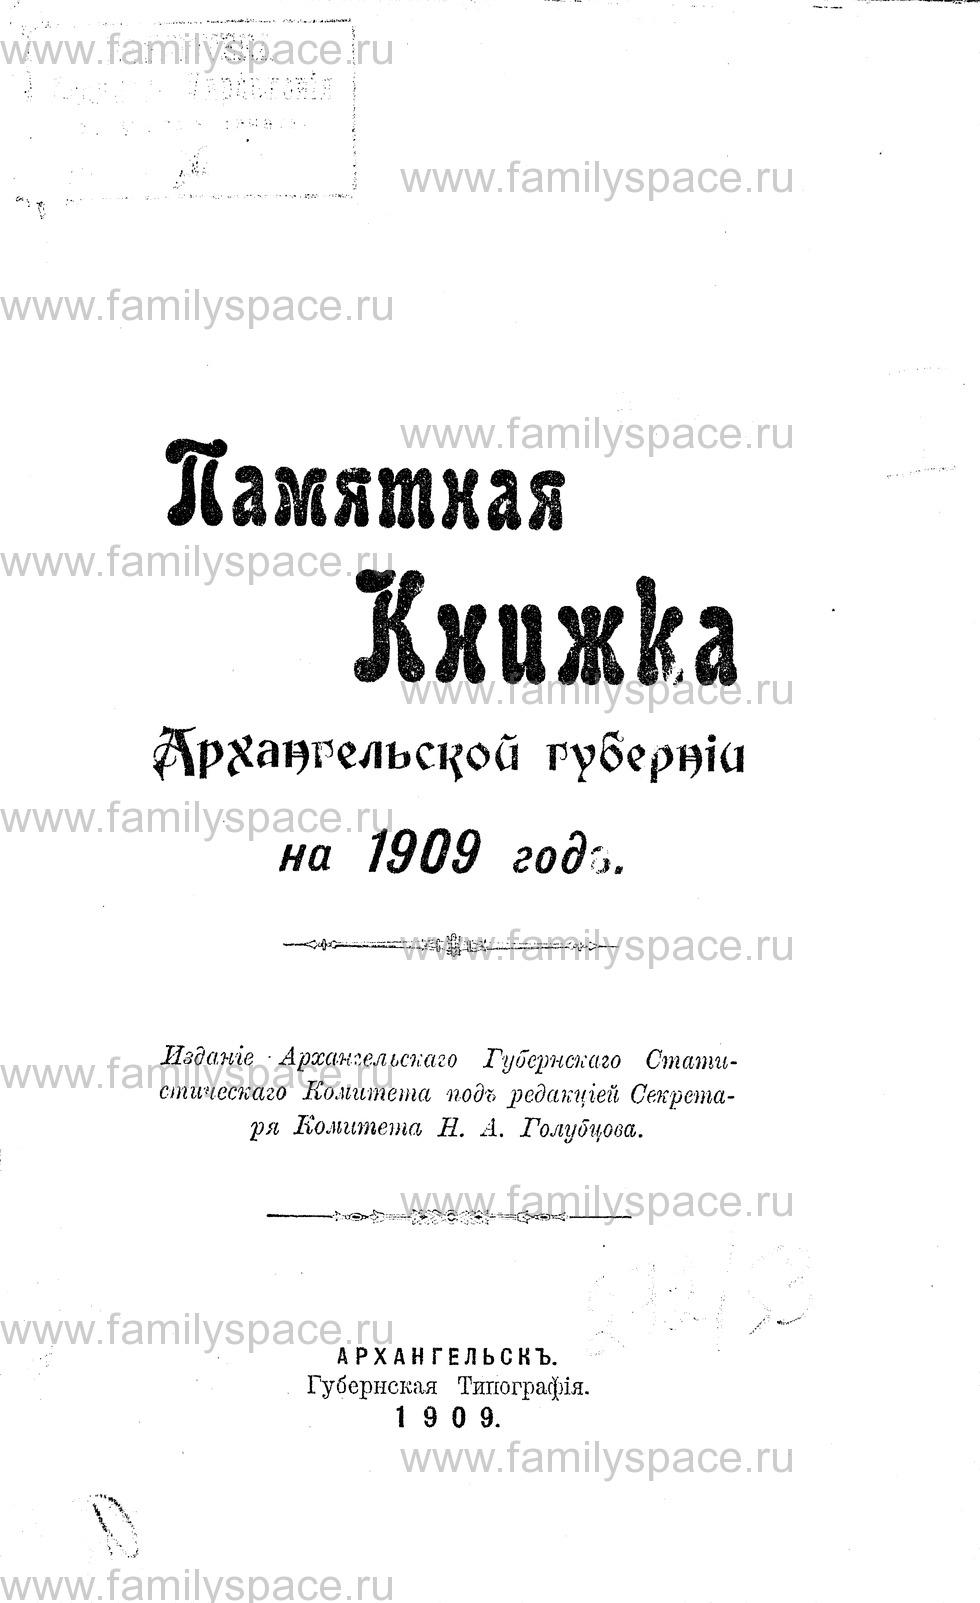 Поиск по фамилии - Памятная книжка Архангельской губернии на 1909 г, страница 1